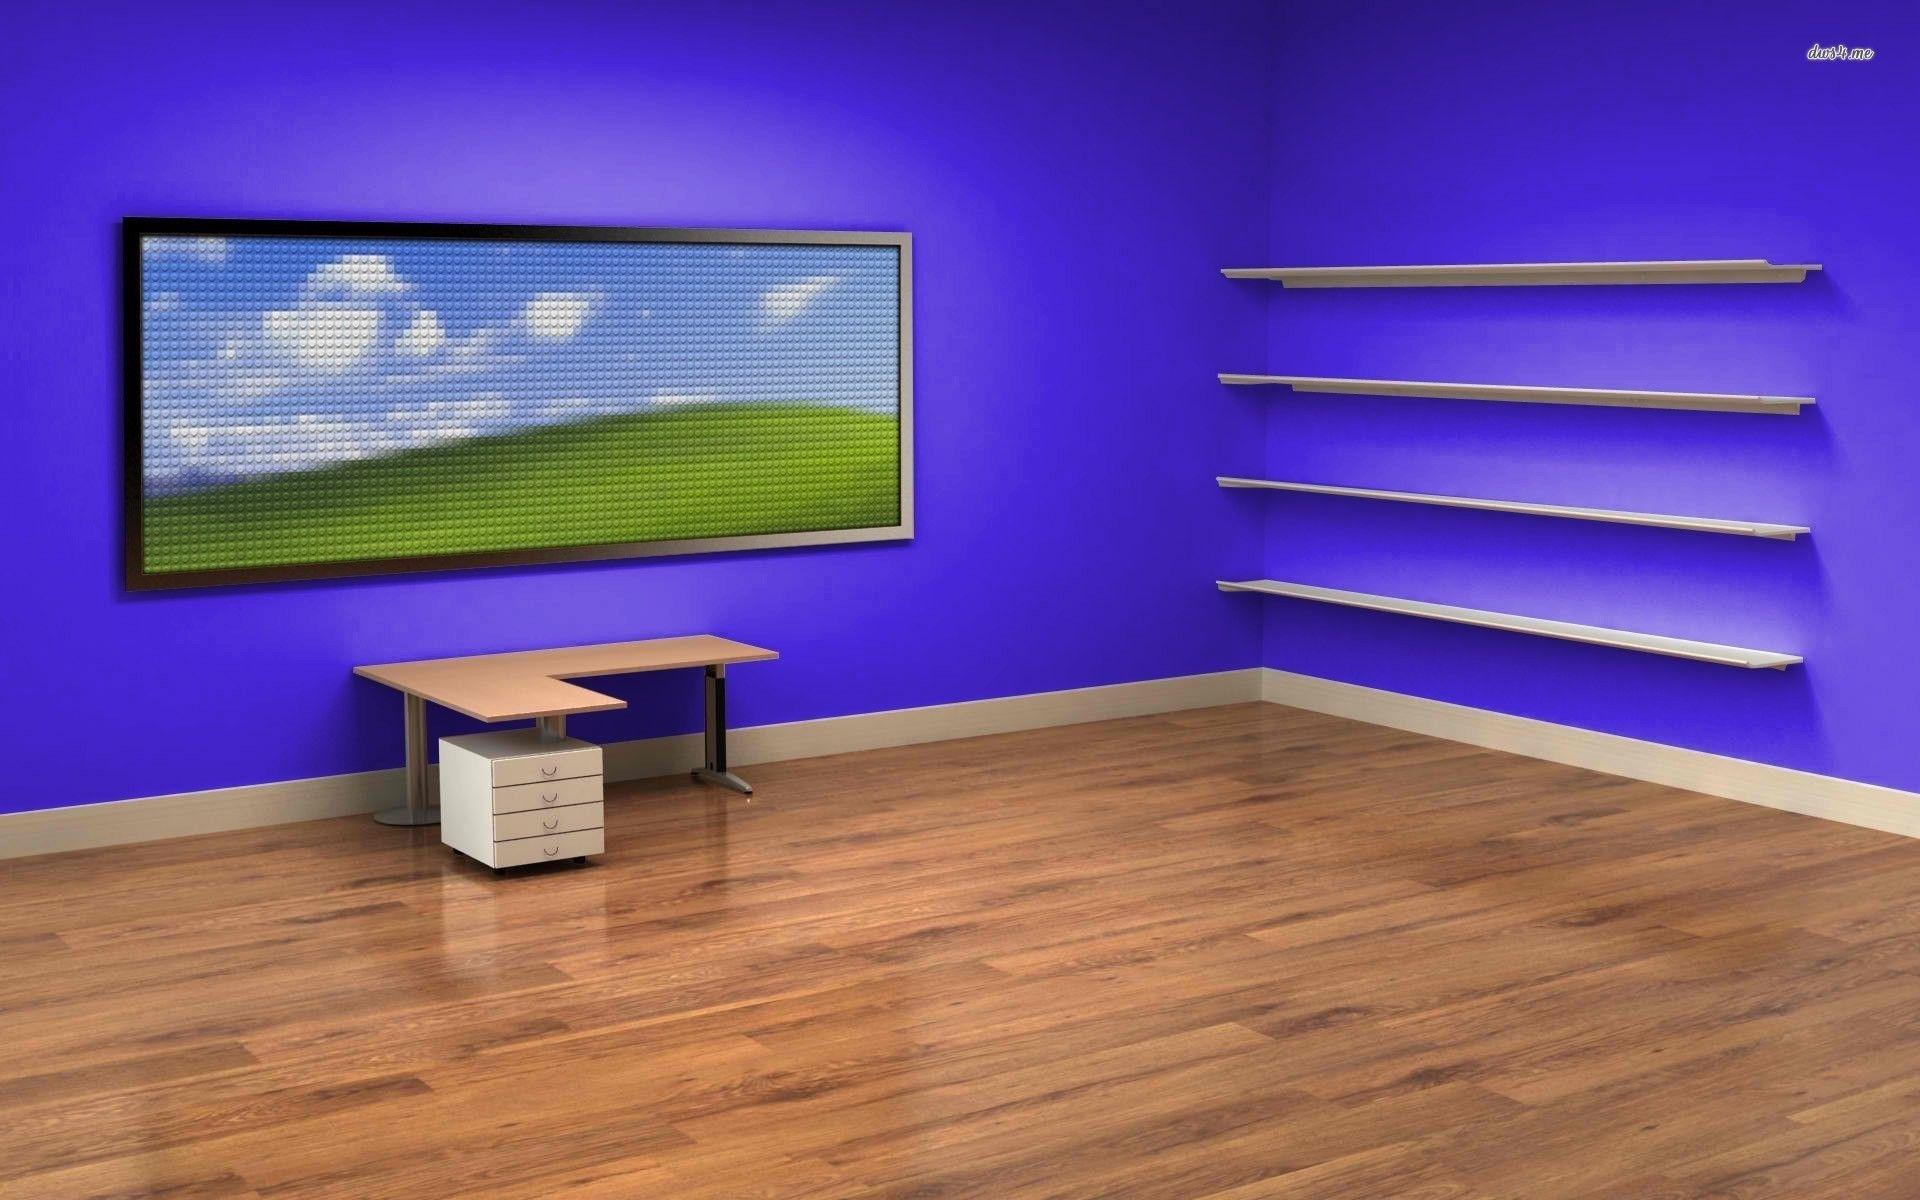 desk and shelves desktop wallpaper - wallpapersafari | epic car